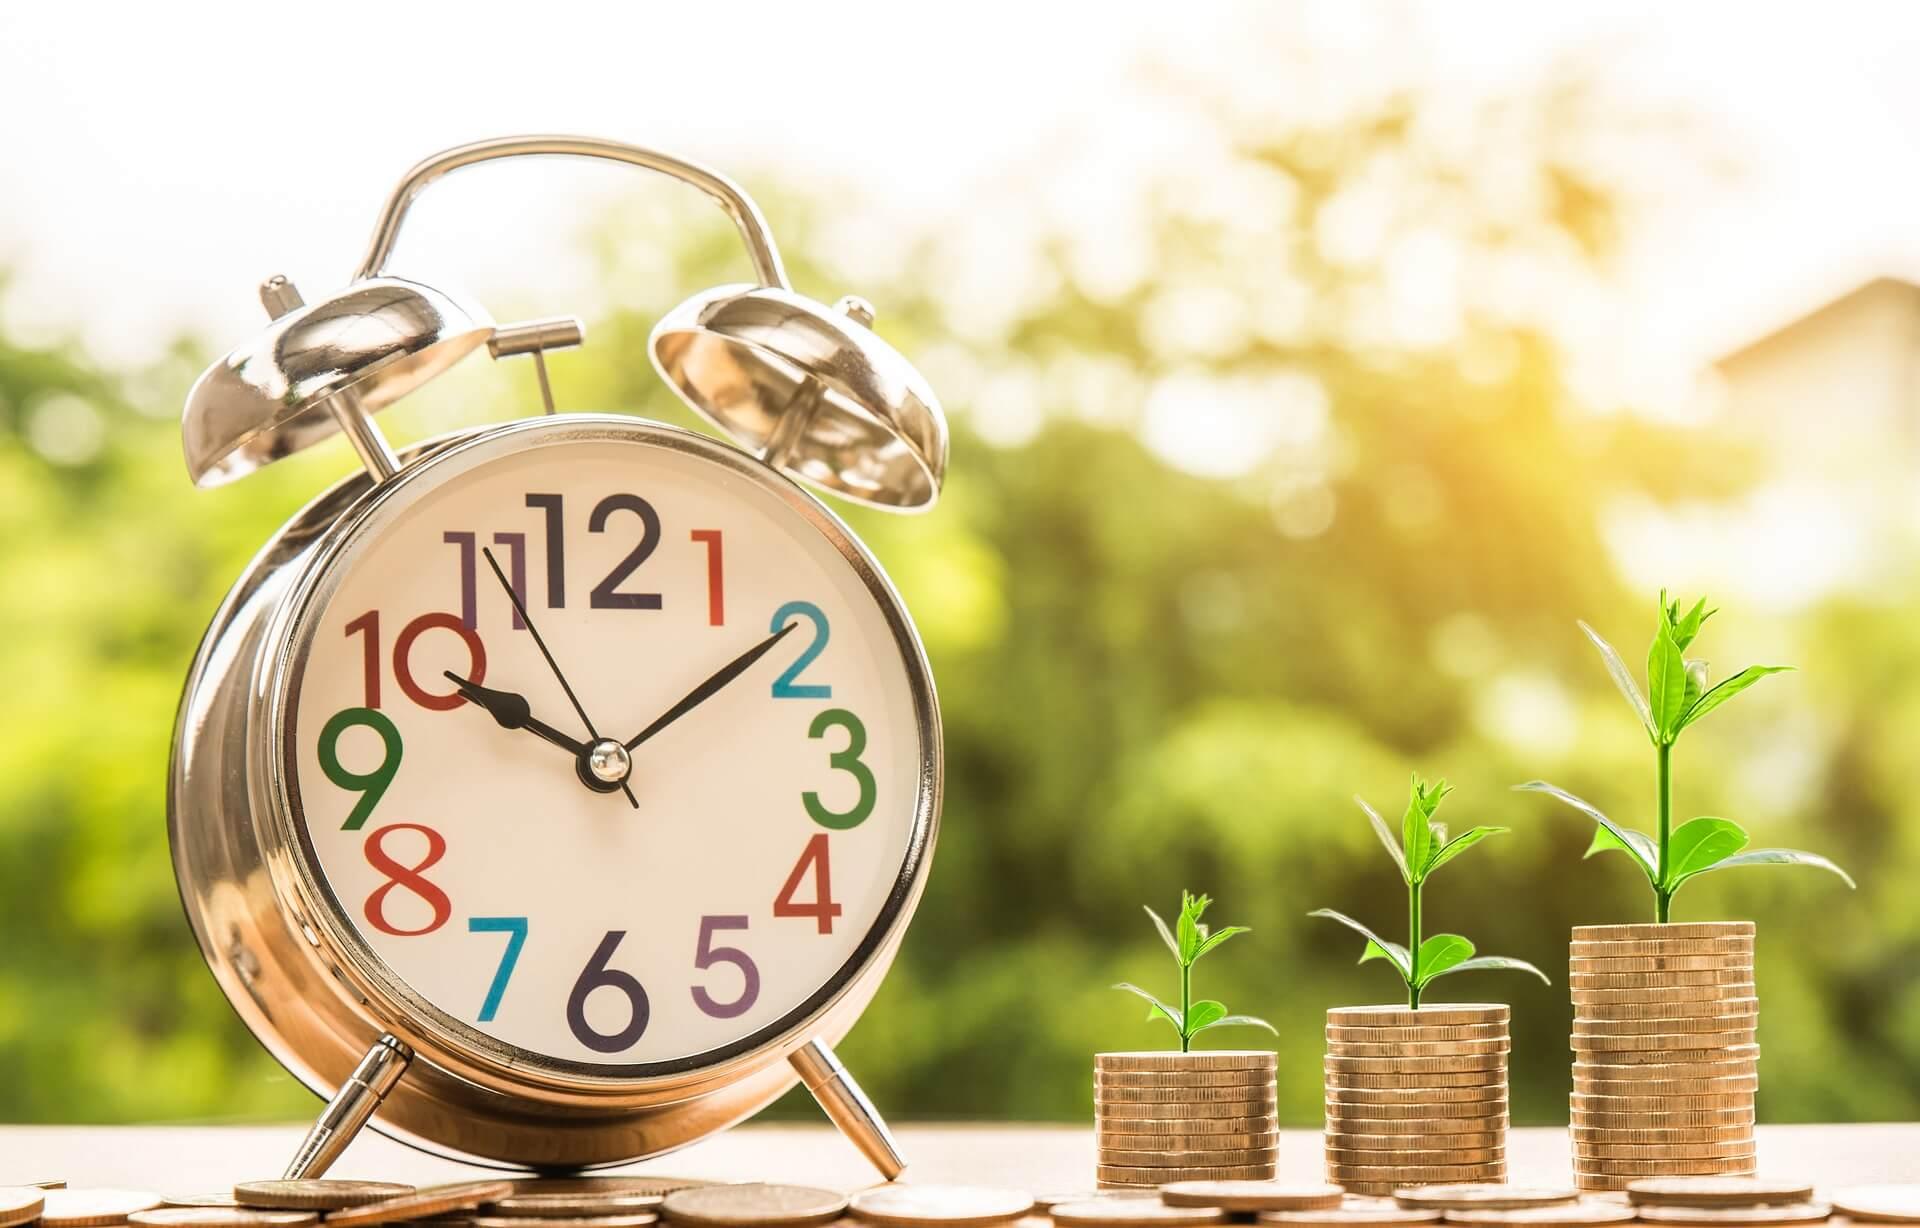 【民法改正】残業代請求の時効が2年→5年へ。必要な対策と適切な勤怠管理とは?